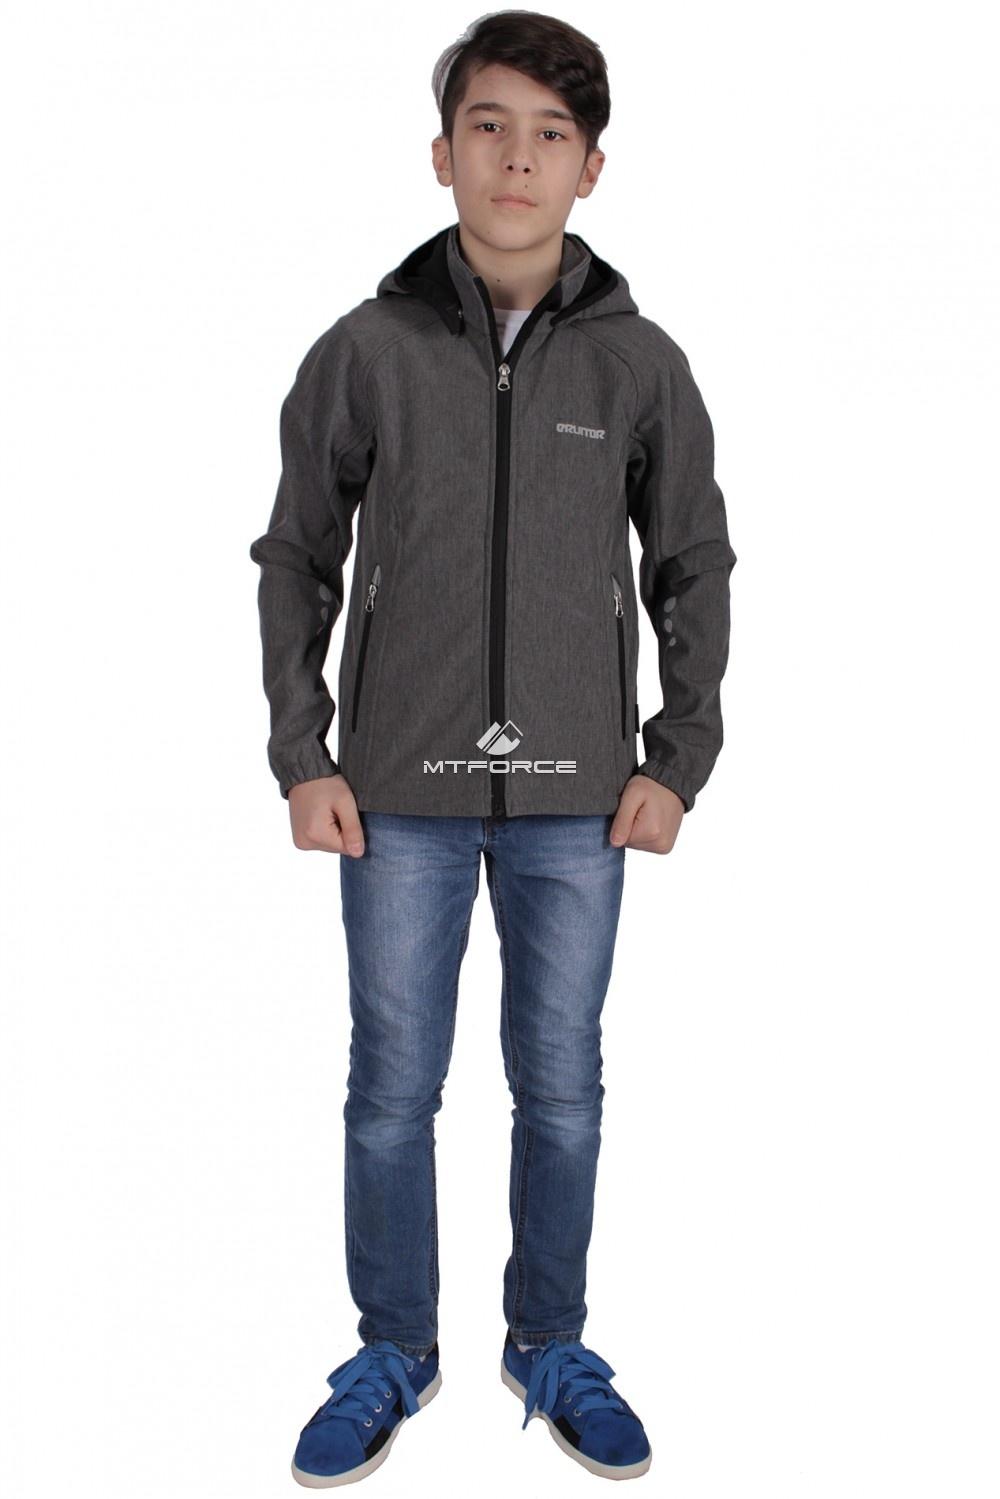 Купить оптом Куртка ветровка подростковая для мальчика серого цвета 034-2Sr в Санкт-Петербурге